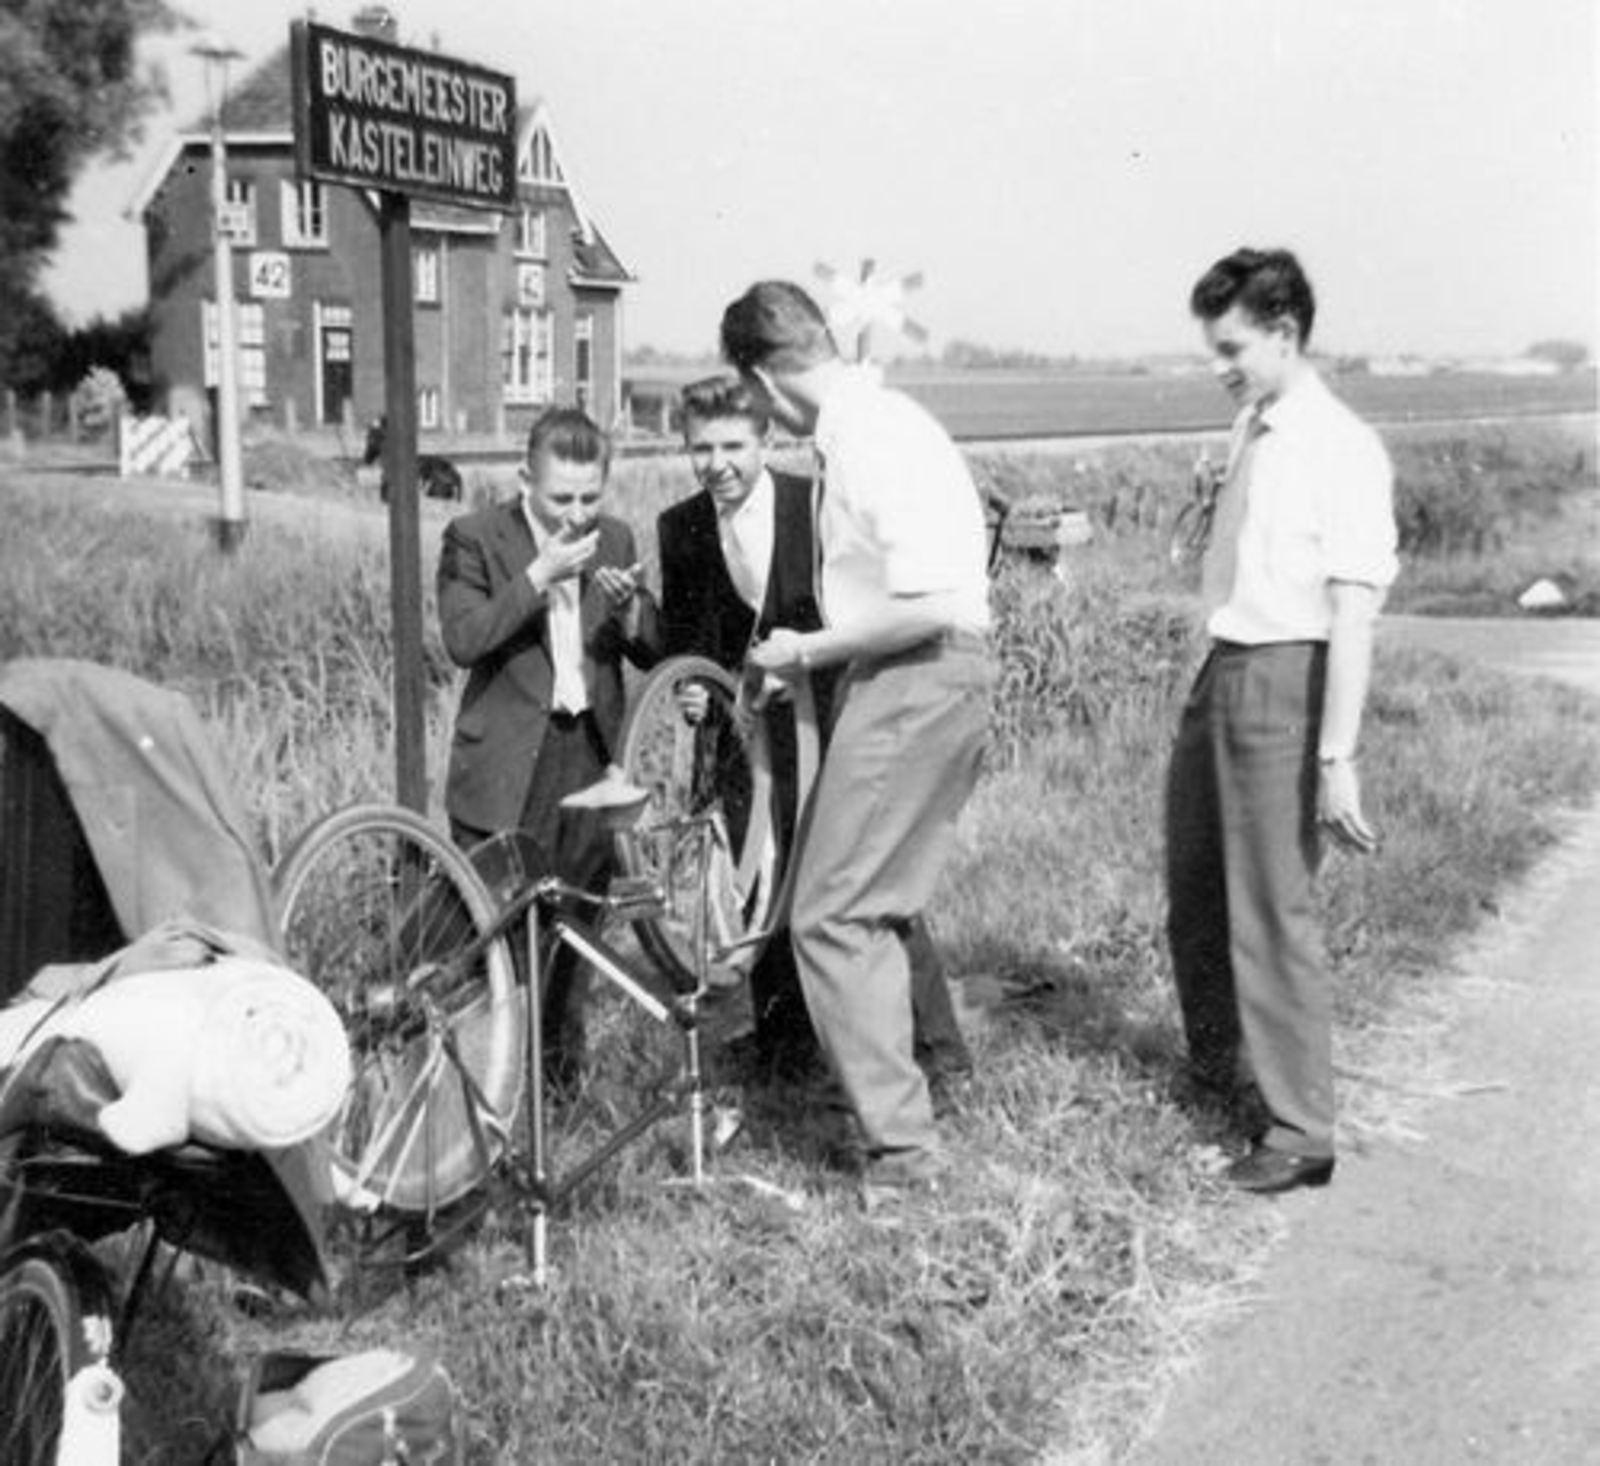 Hmeer Spoorlijn 41 1957± Wachterswoning bij Legmeerdijk